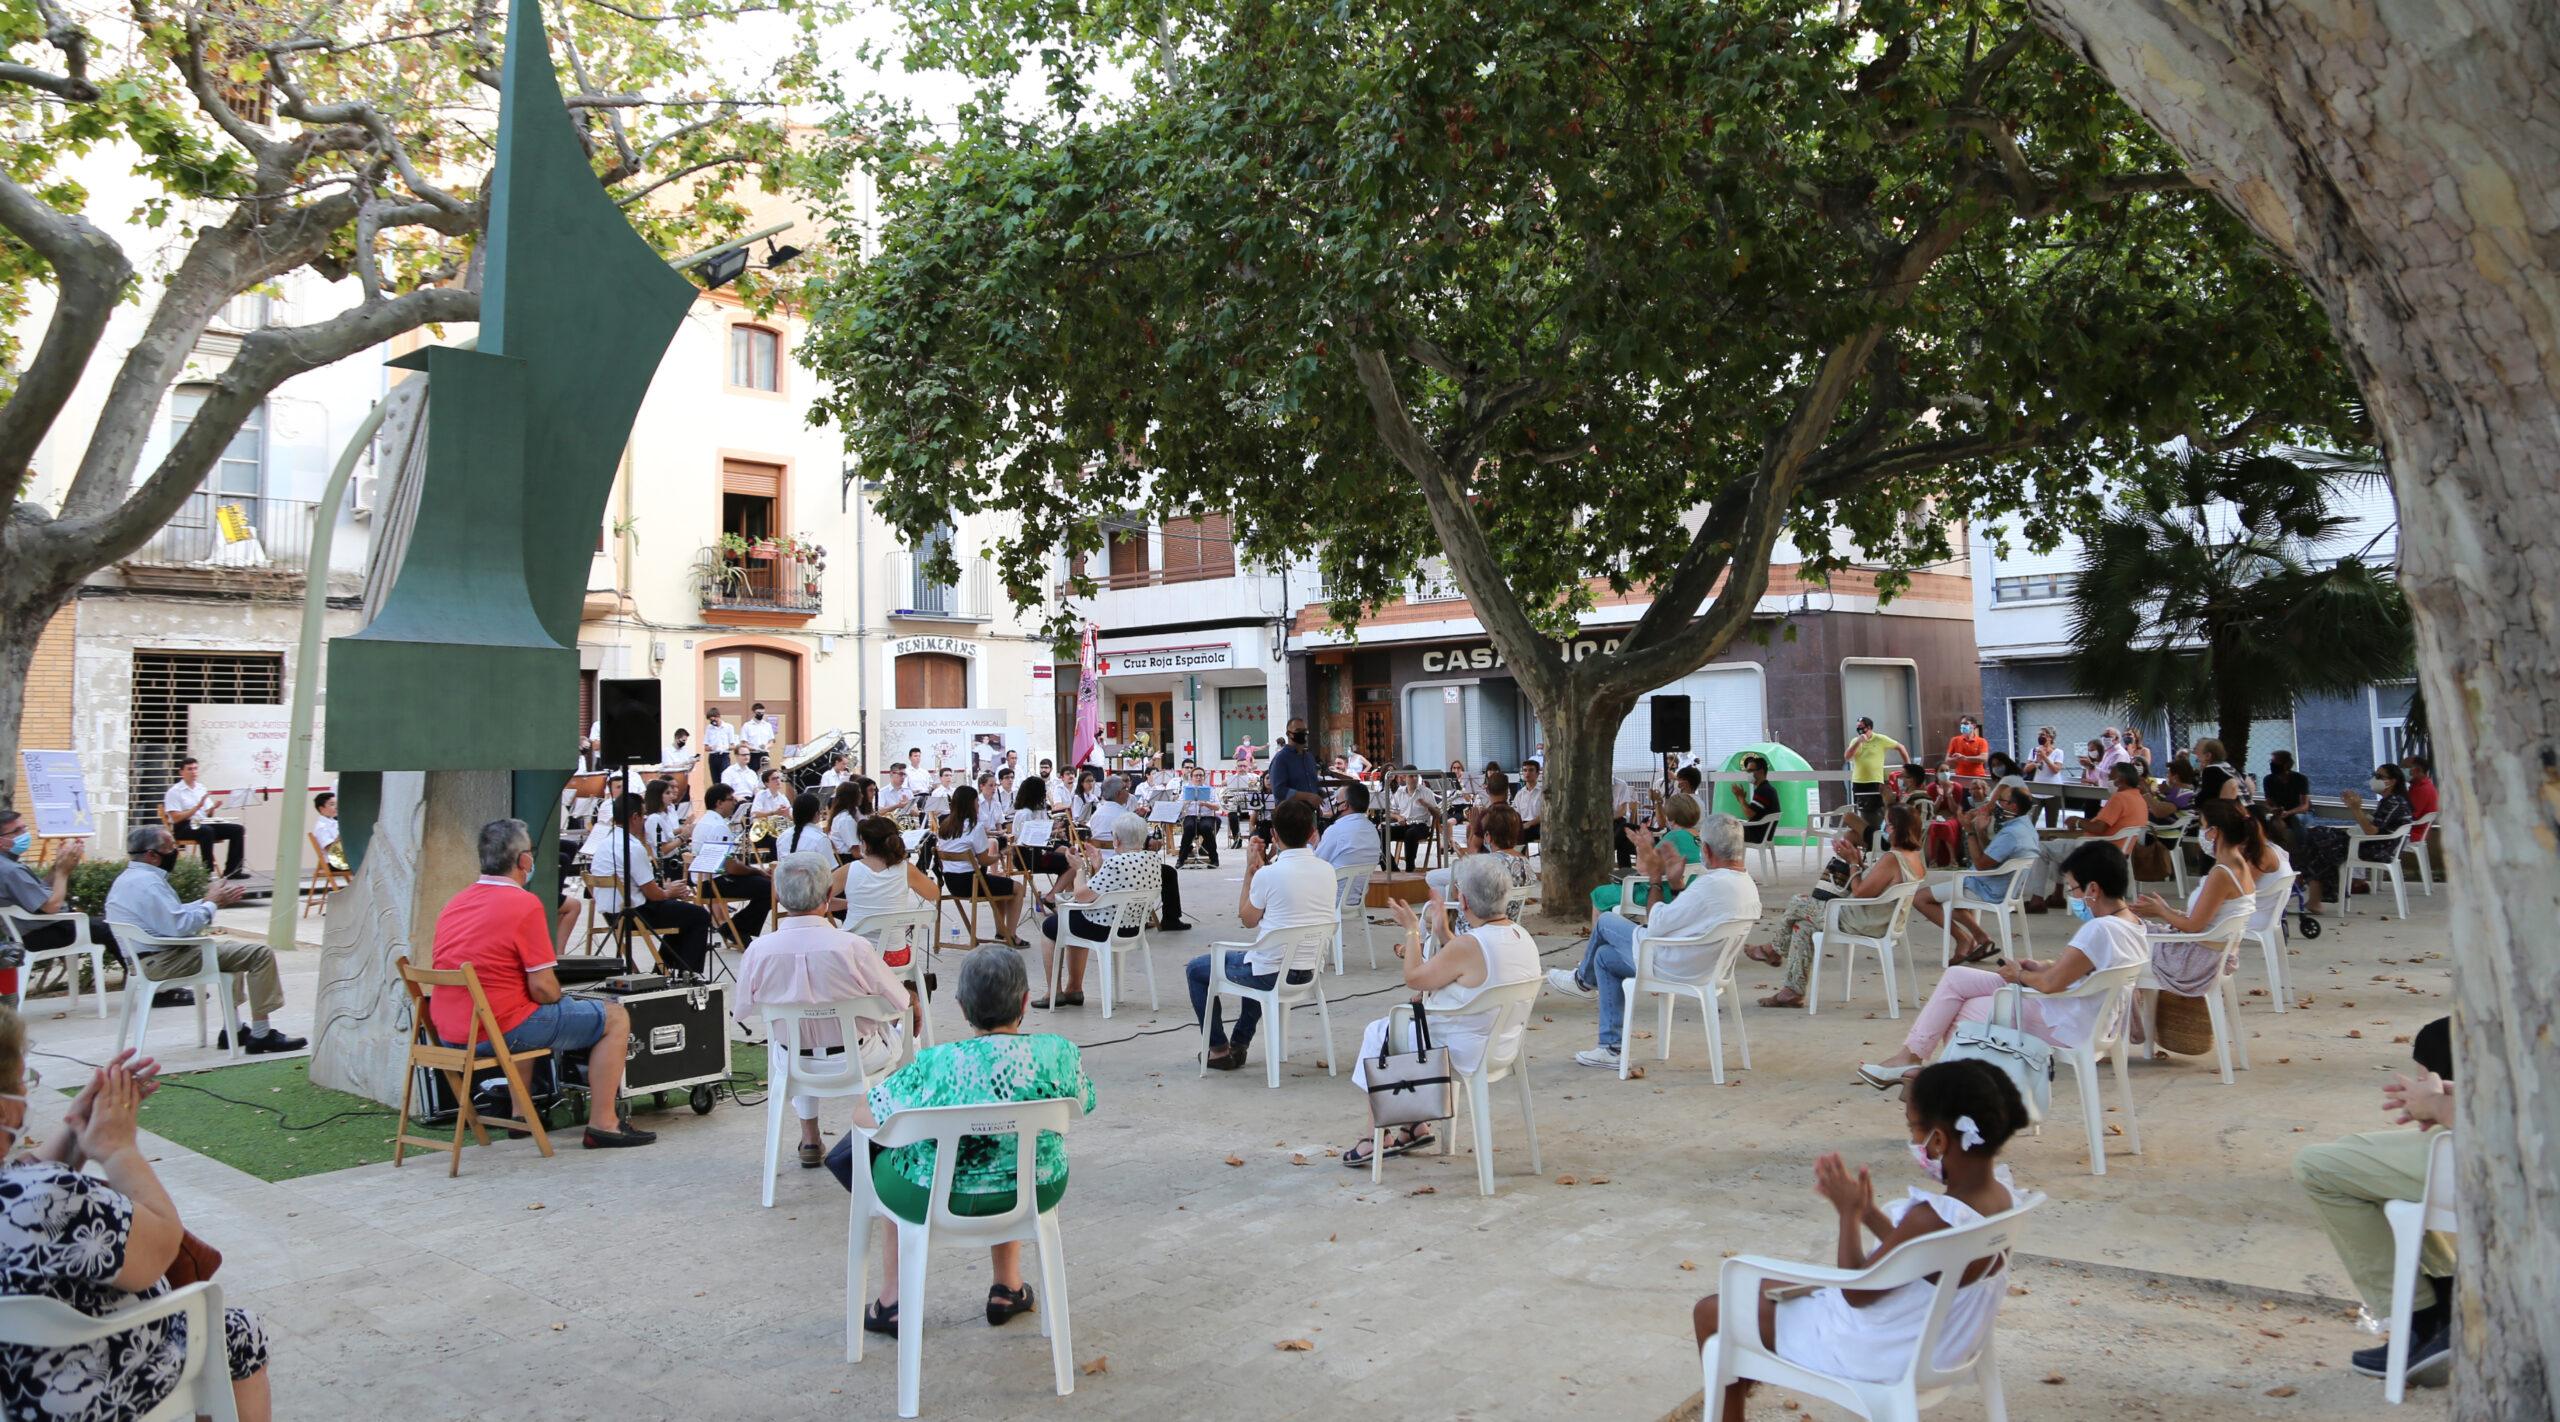 El concert de la Unió no comptarà amb públic presencial El Periòdic d'Ontinyent - Noticies a Ontinyent